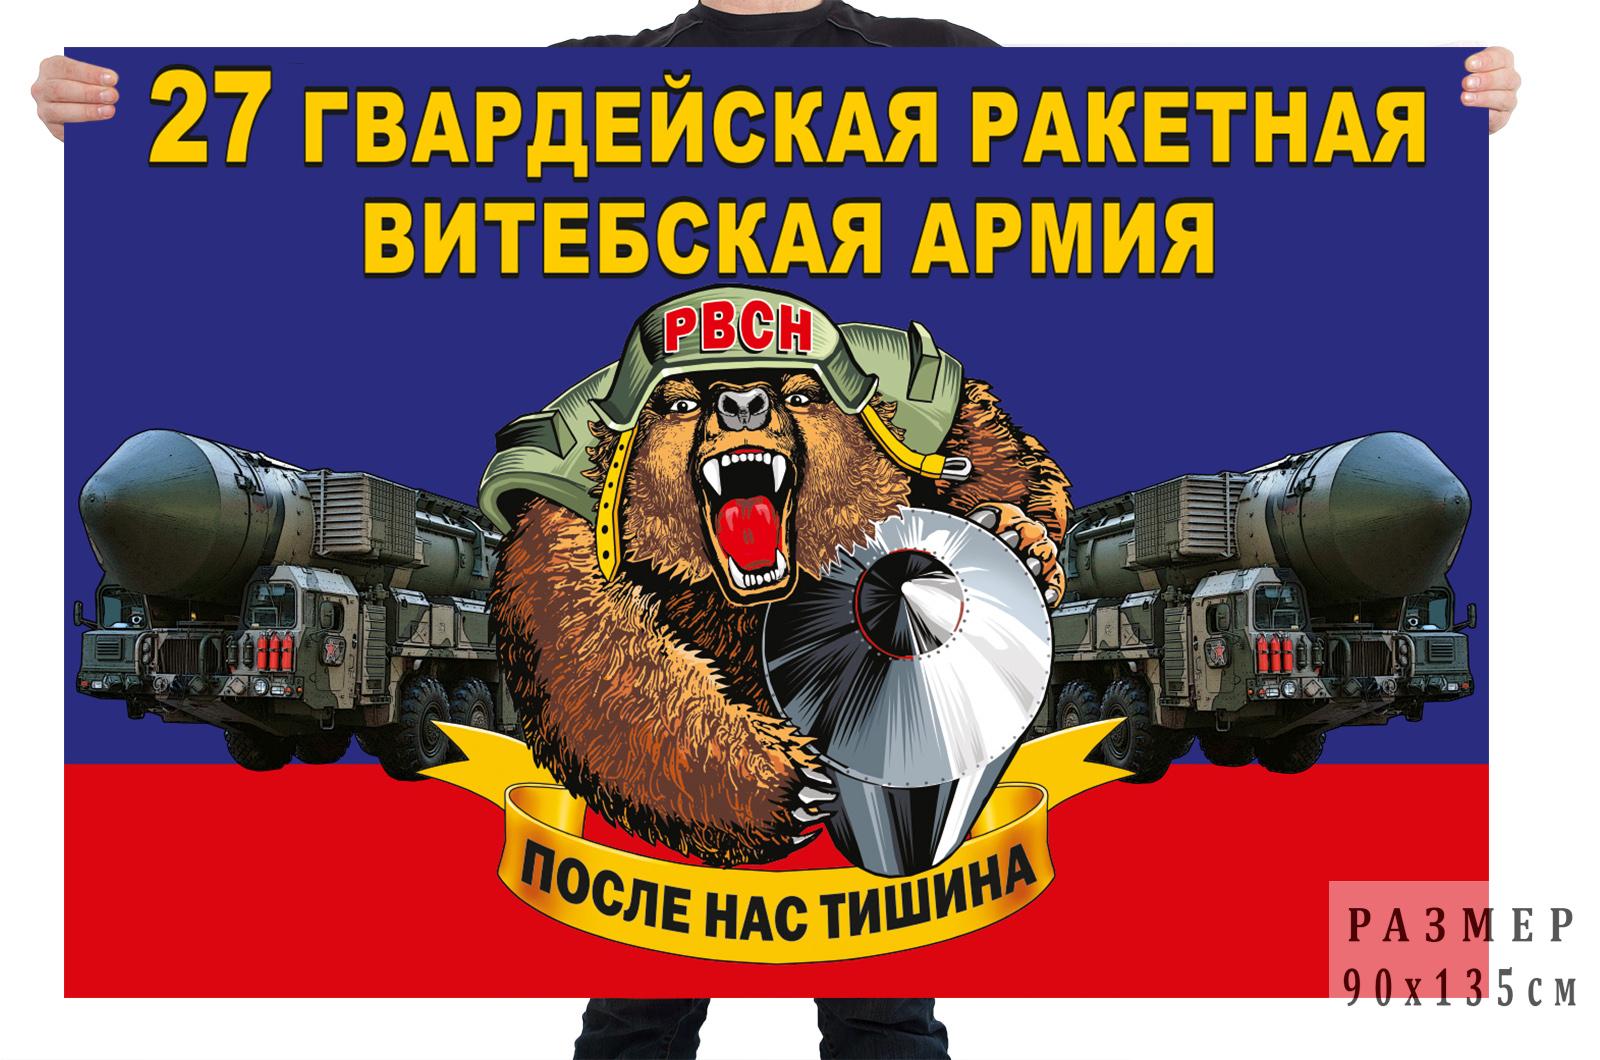 Флаг 27 гв. ракетной Витебской армии